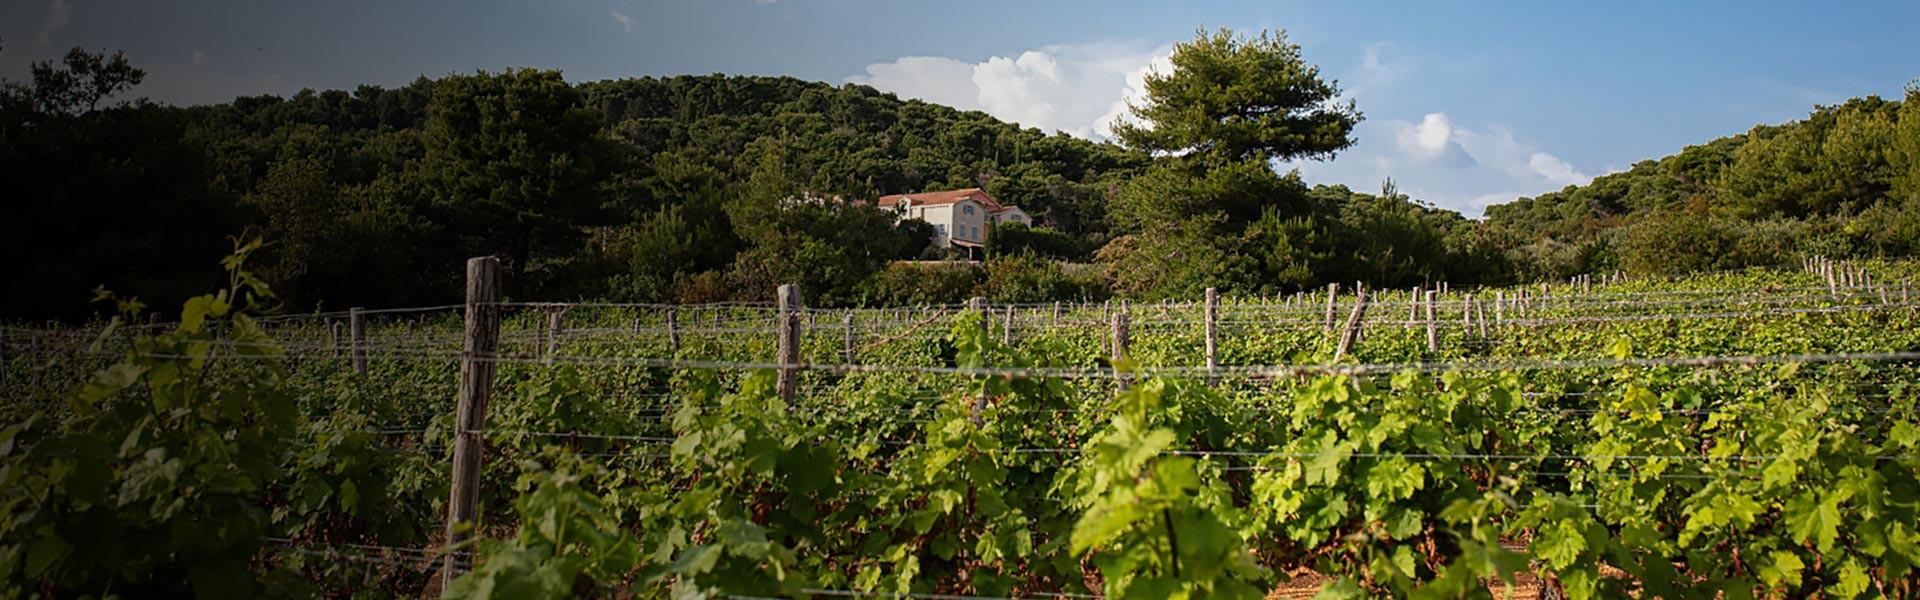 Boškinac vinogradi